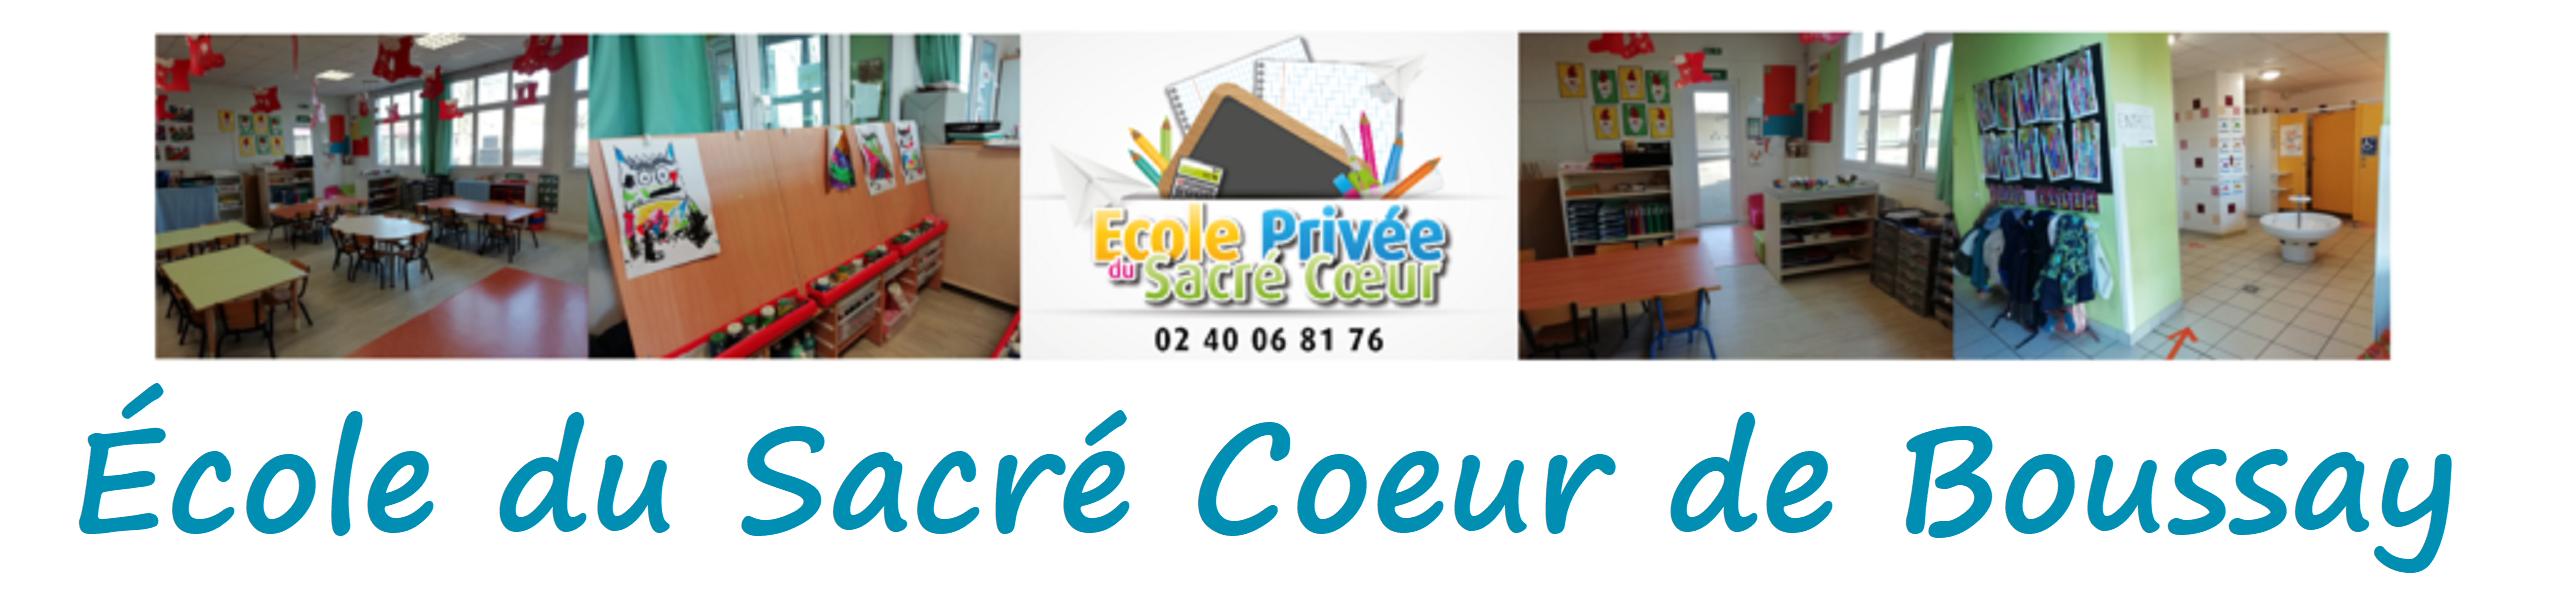 Ecole du Sacré Coeur de Boussay